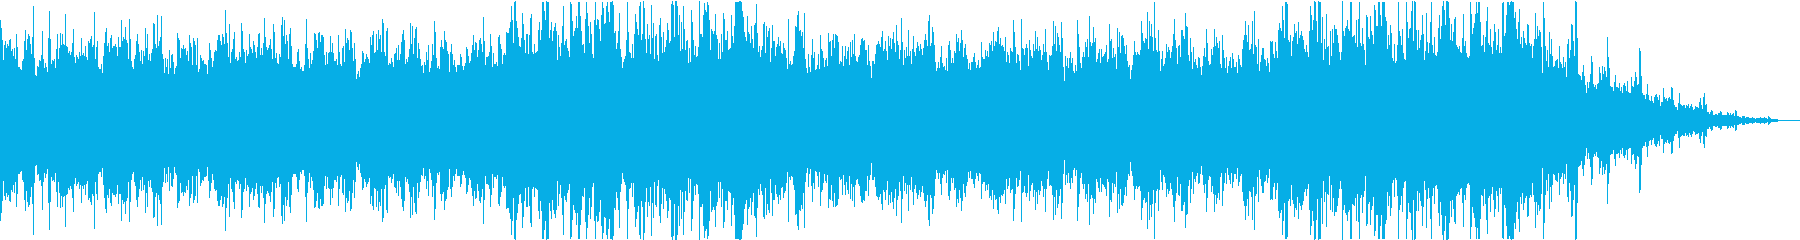 壮大な雰囲気のマーチ風オーケストラBGMの再生済みの波形